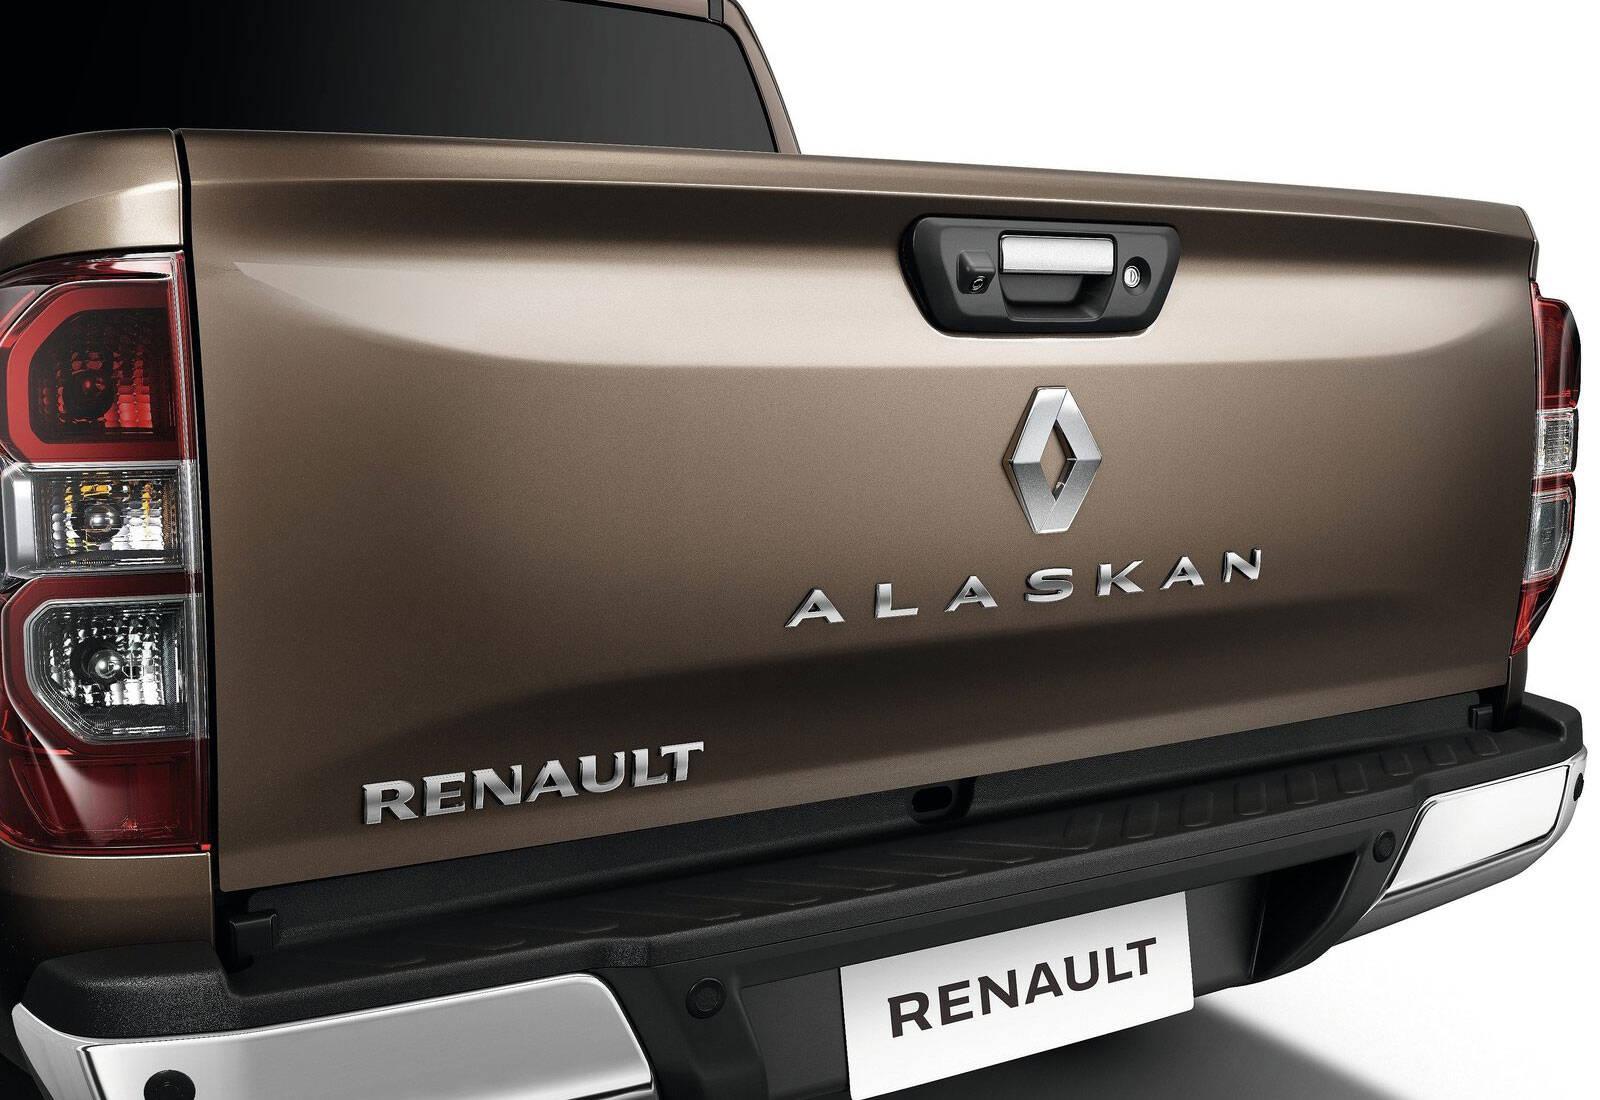 Renault Alaskan. Foto: divulgação/Renault